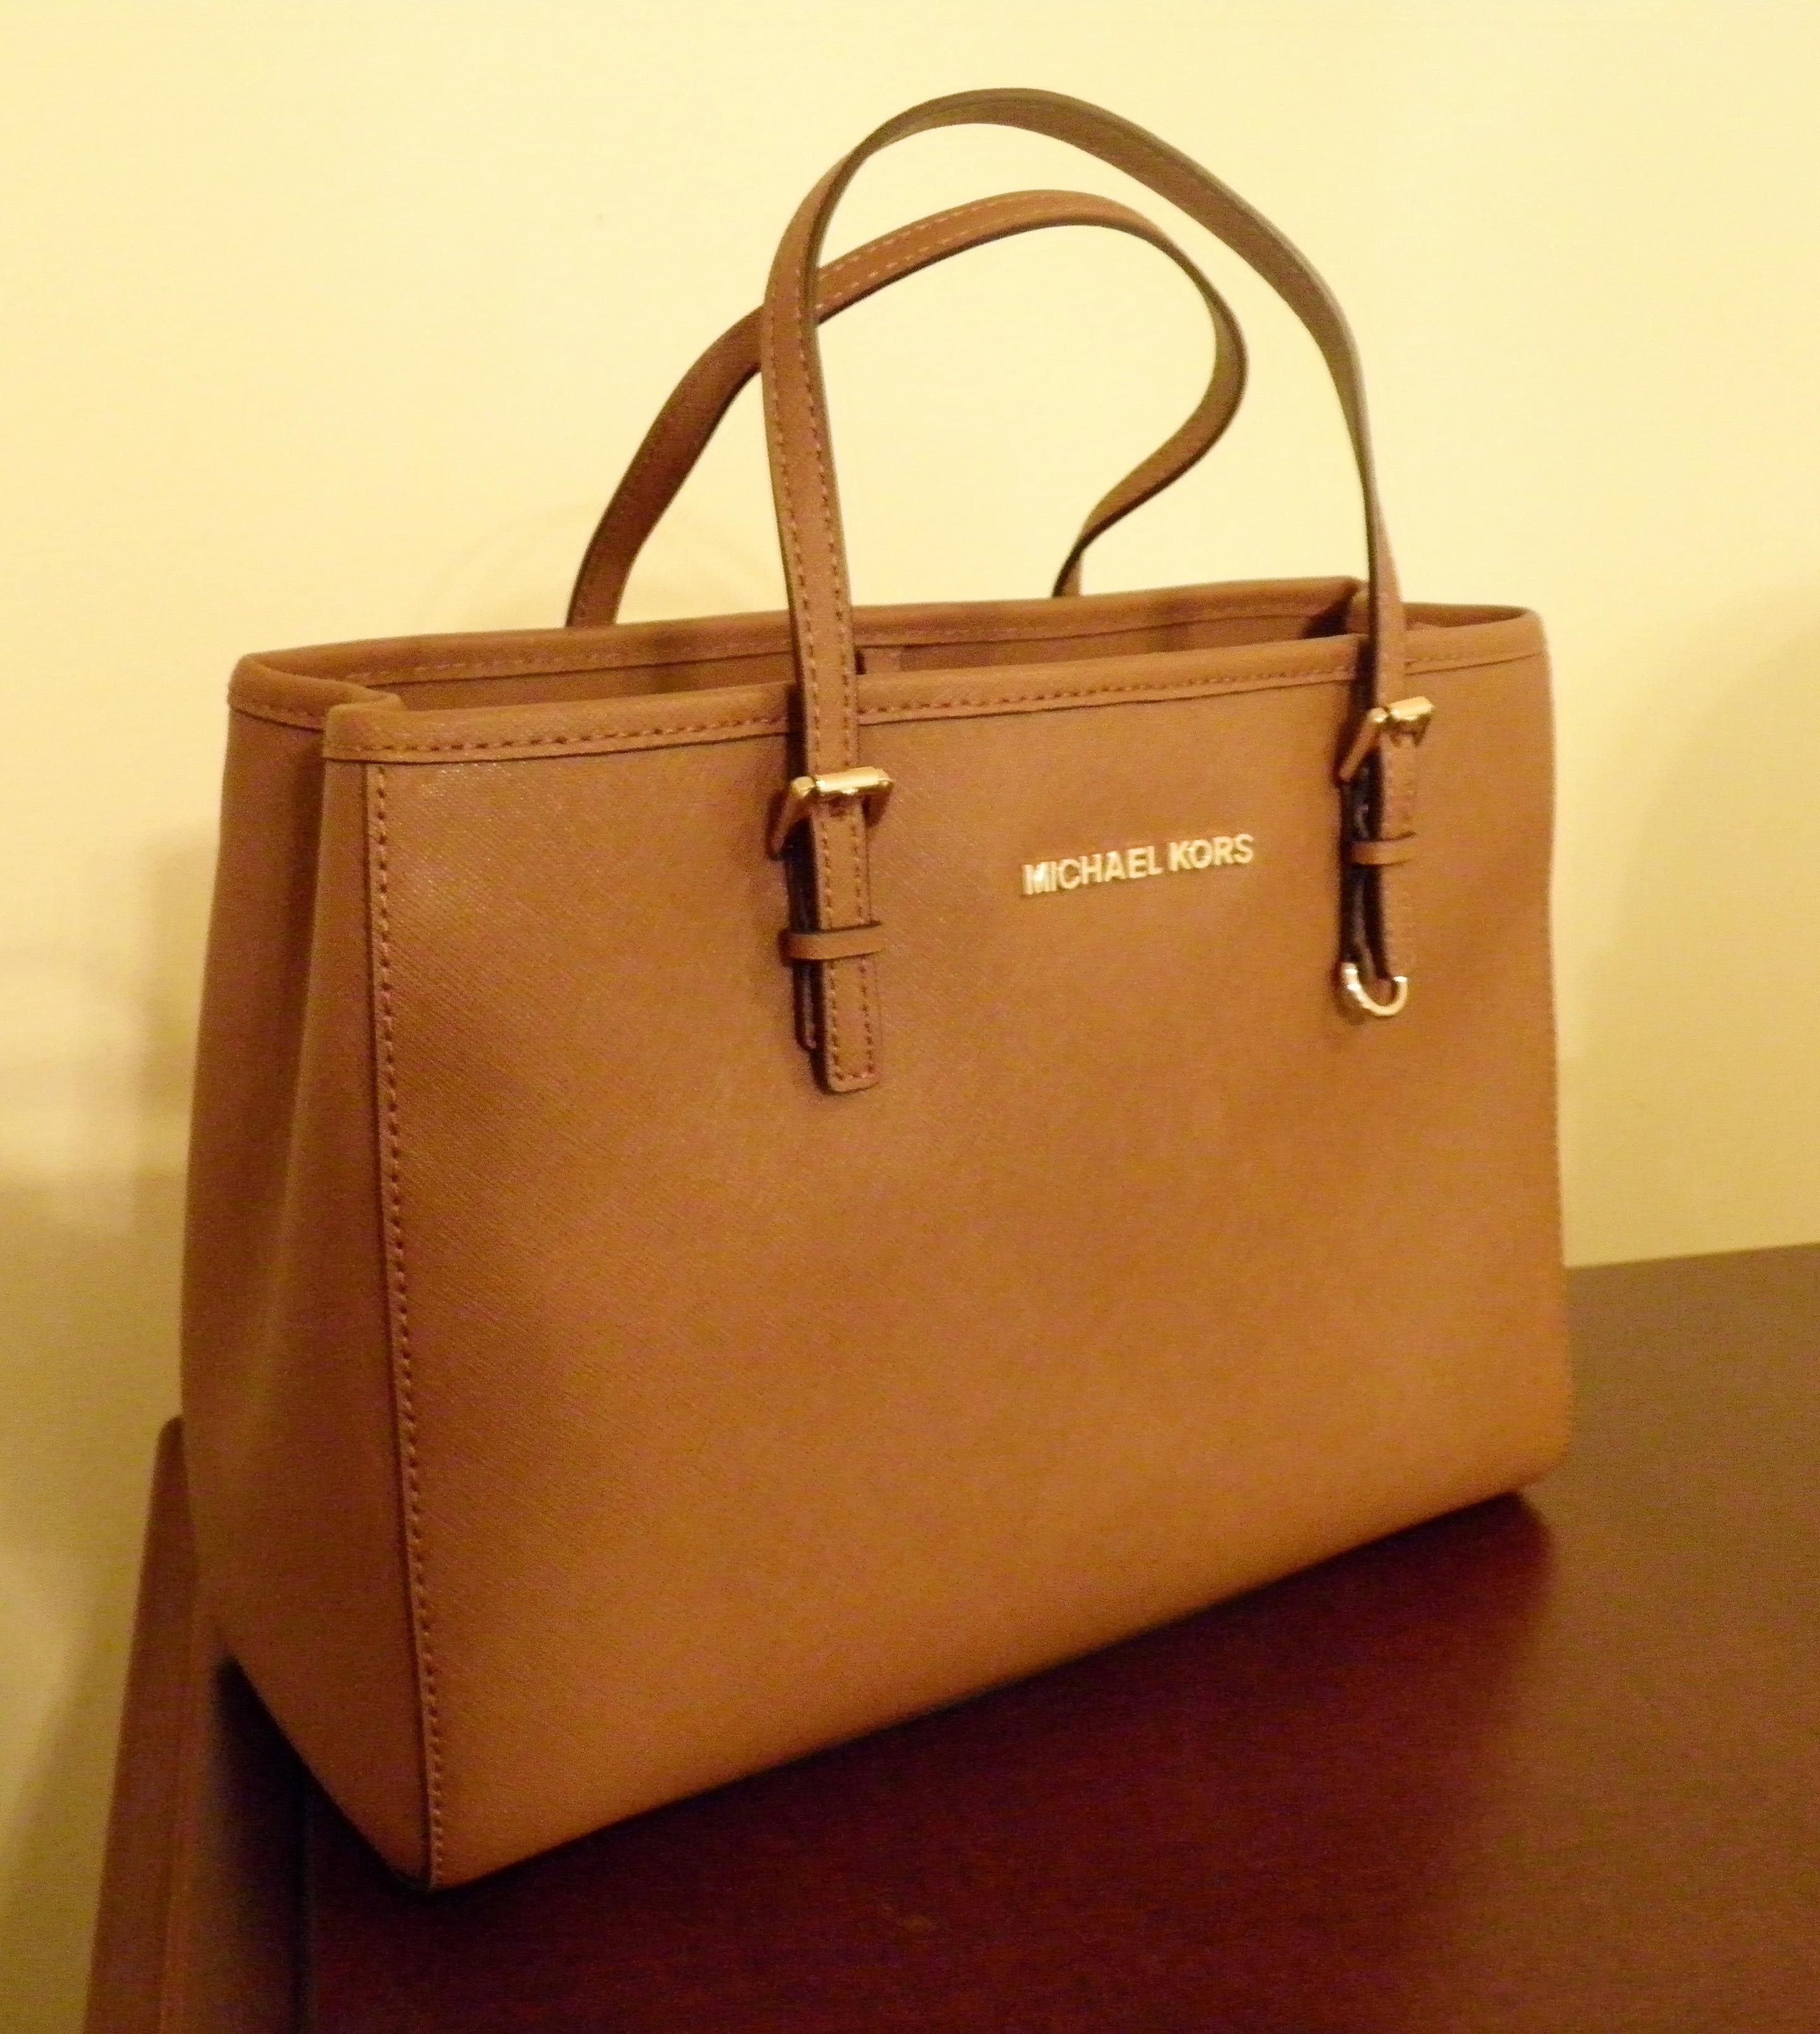 Michael Kors Bag (side view)